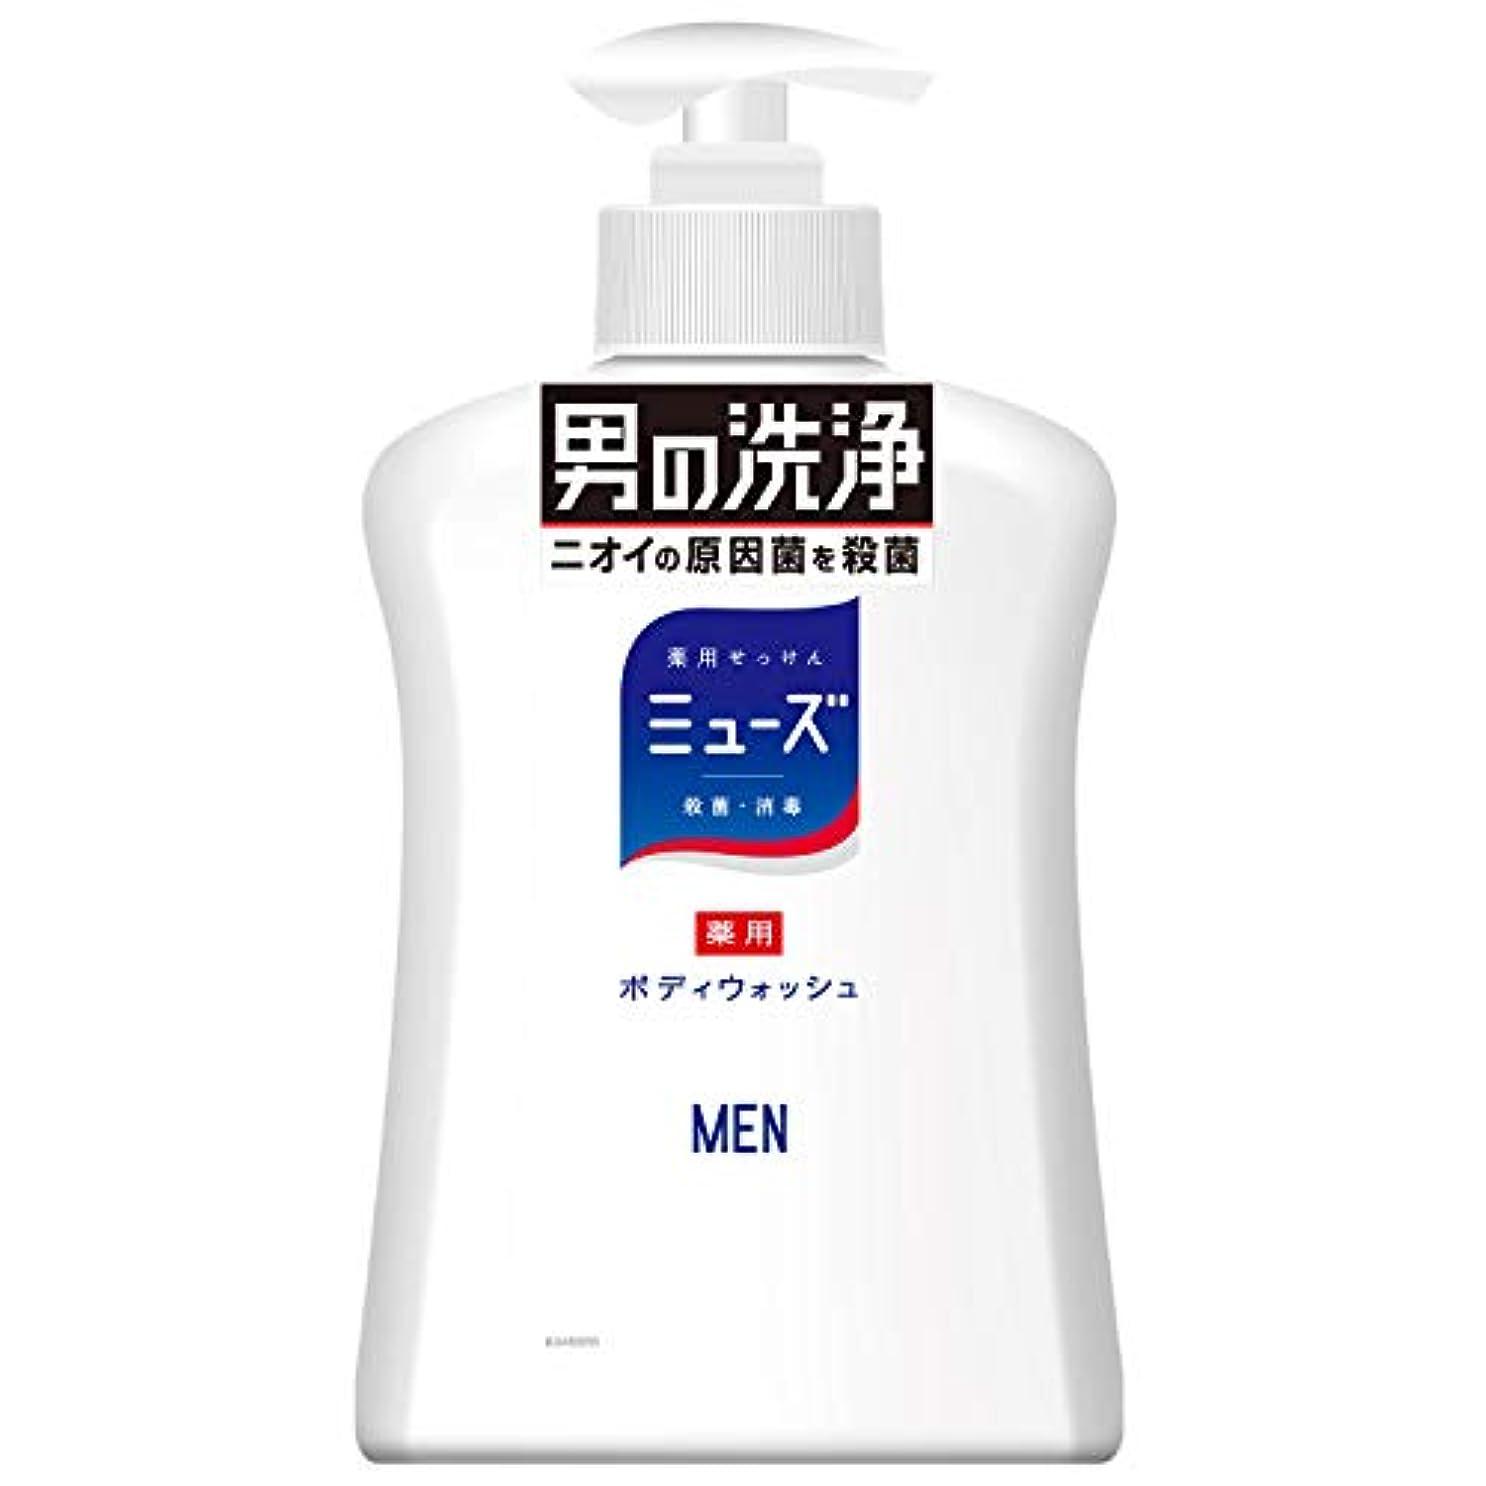 続編ピーブ嫉妬【医薬部外品】ミューズメン ボディーウオッシュ ボトル 500ml ボディソープ